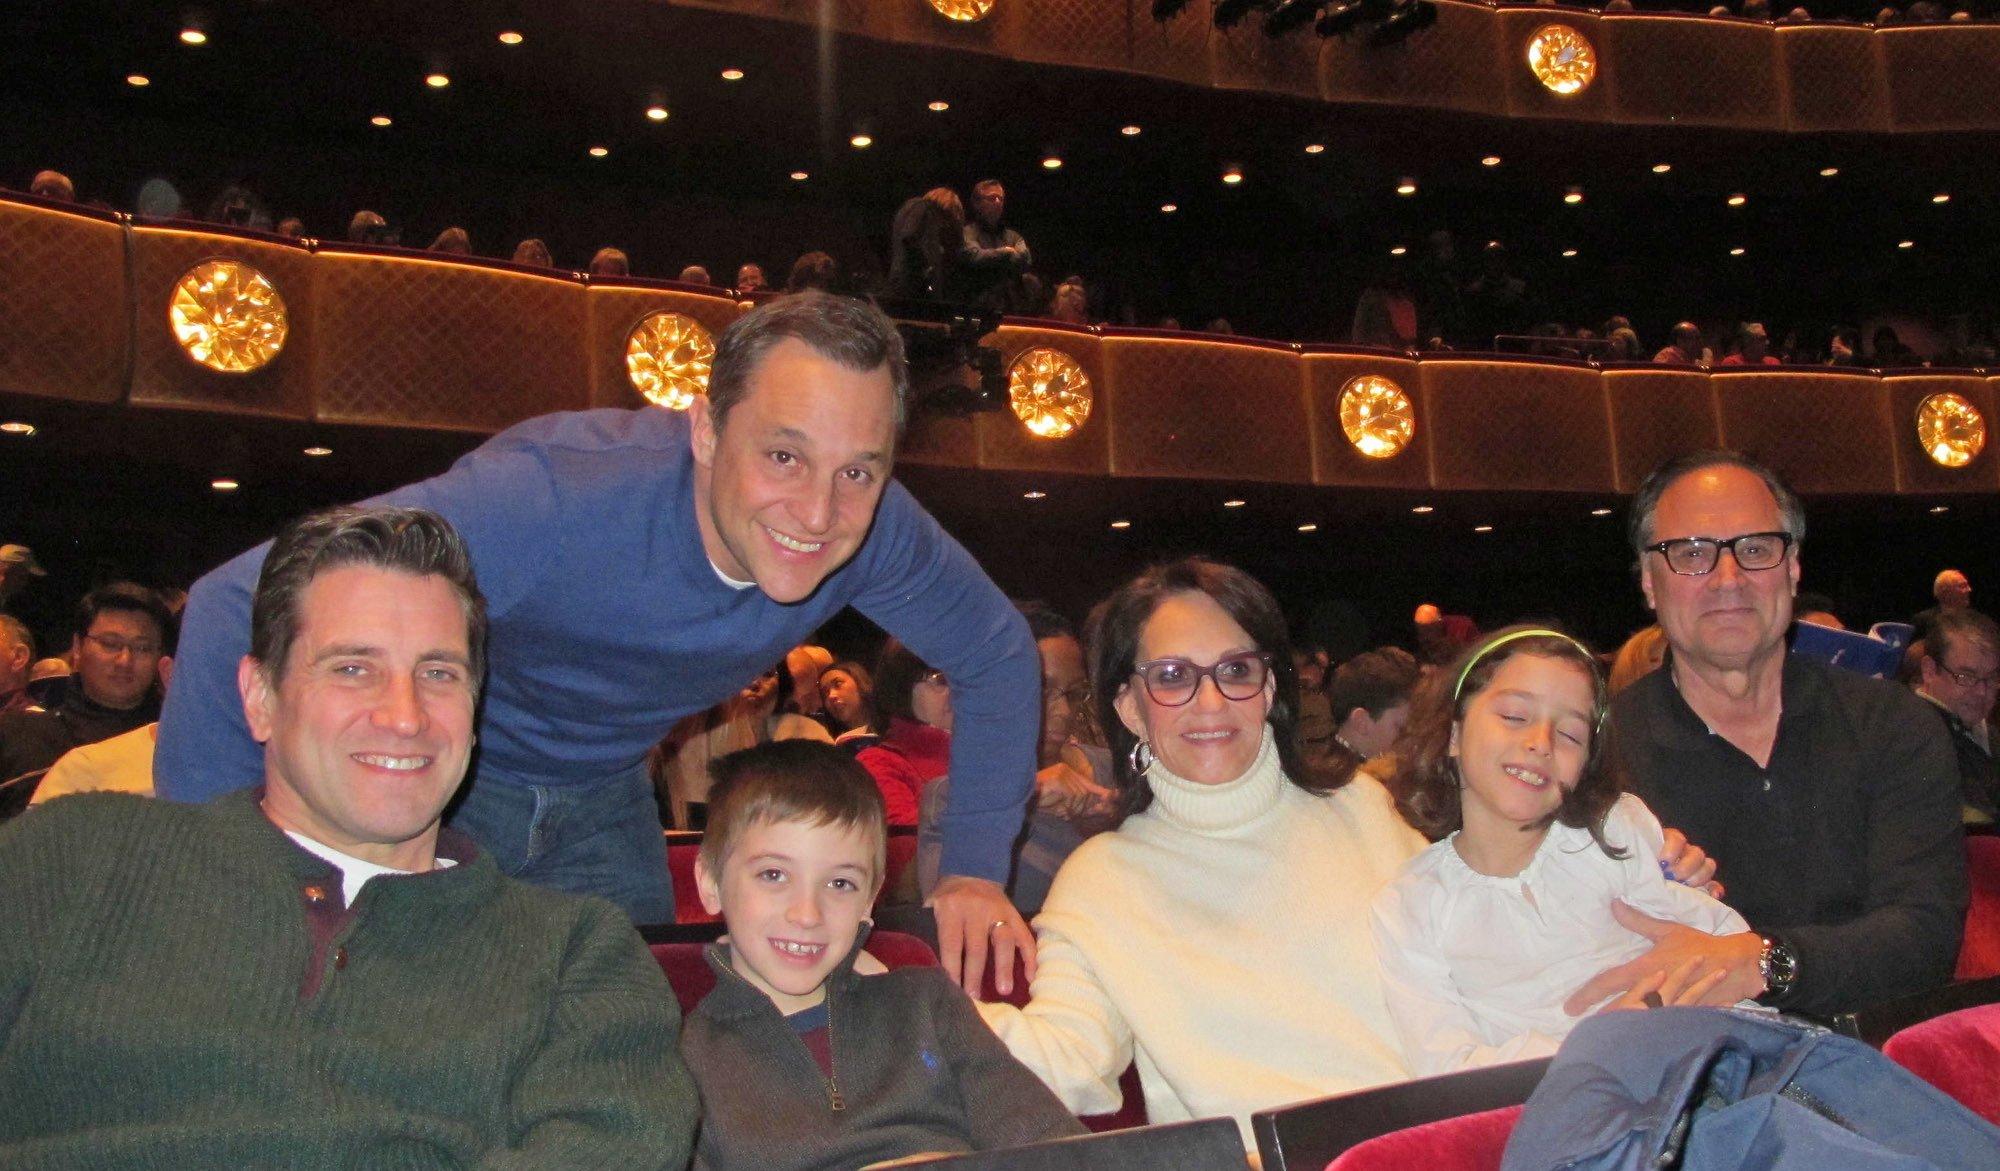 保健品公司總裁Phyliss Cunningham女士(右三),祖孫三代一起觀賞神韻國際藝術團在林肯中心的第五場演出。(麥蕾/大紀元)